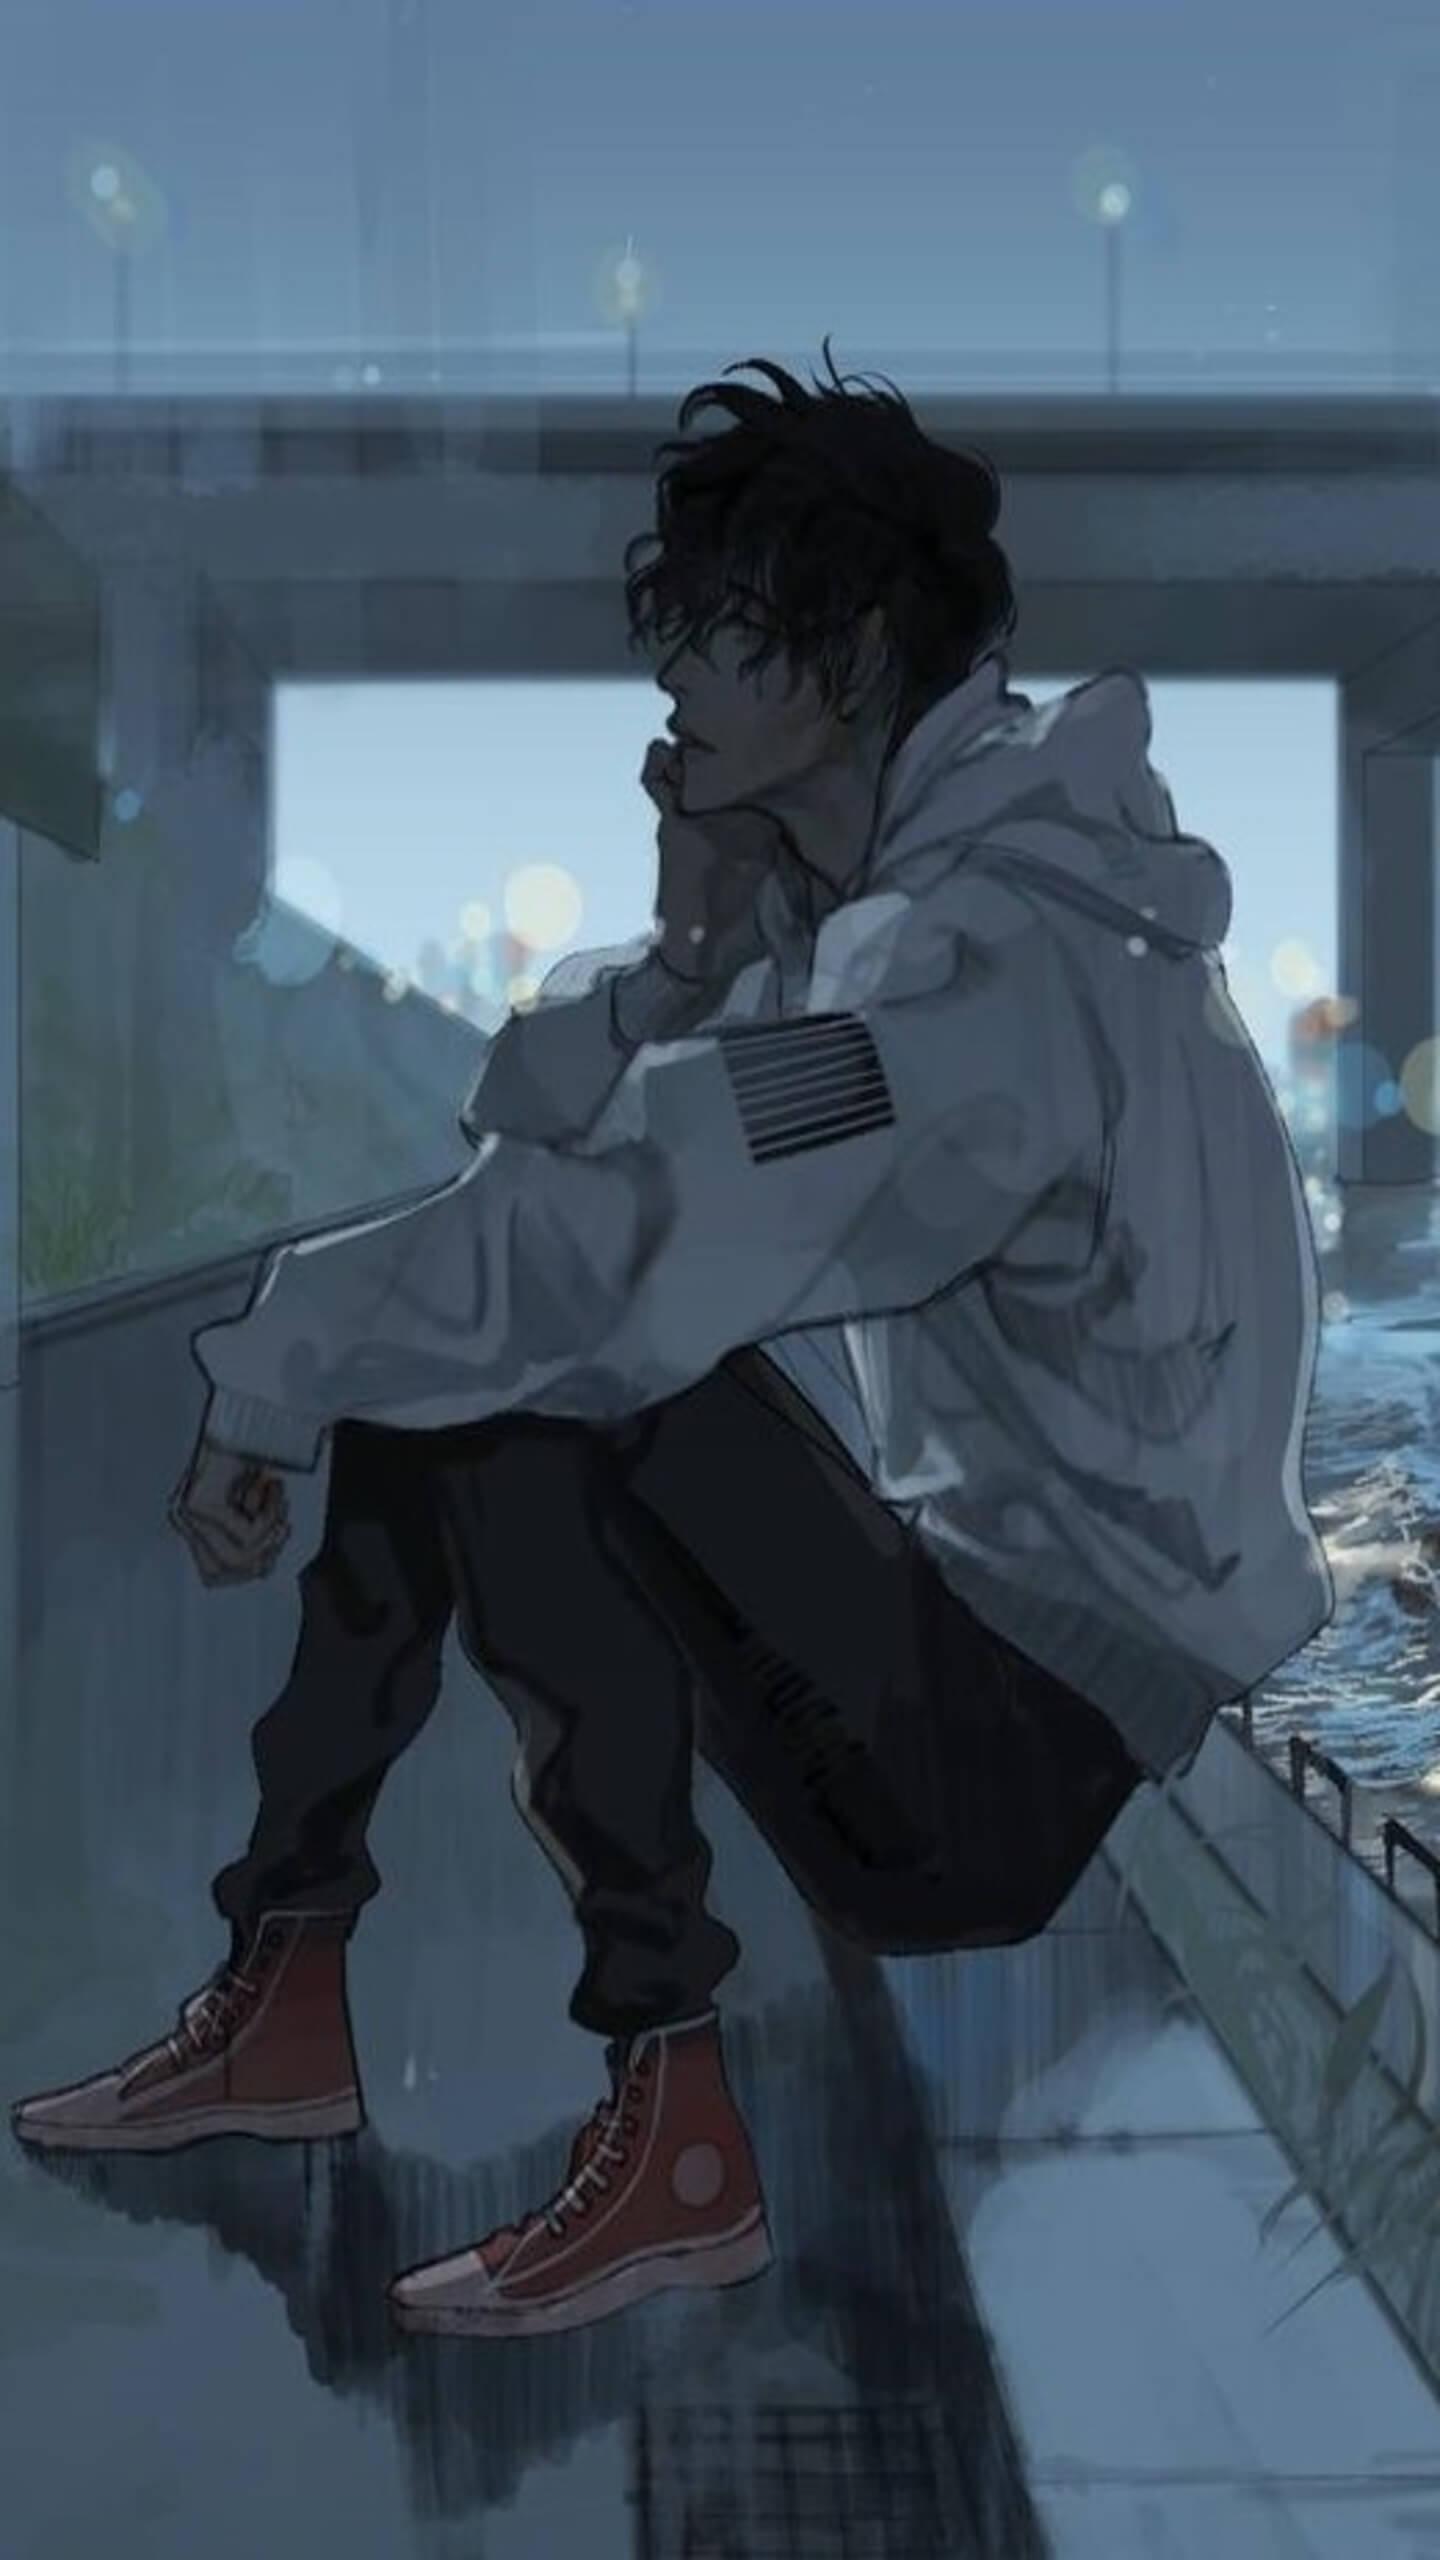 55 Sad Anime Hd Wallpapers On Wallpapersafari